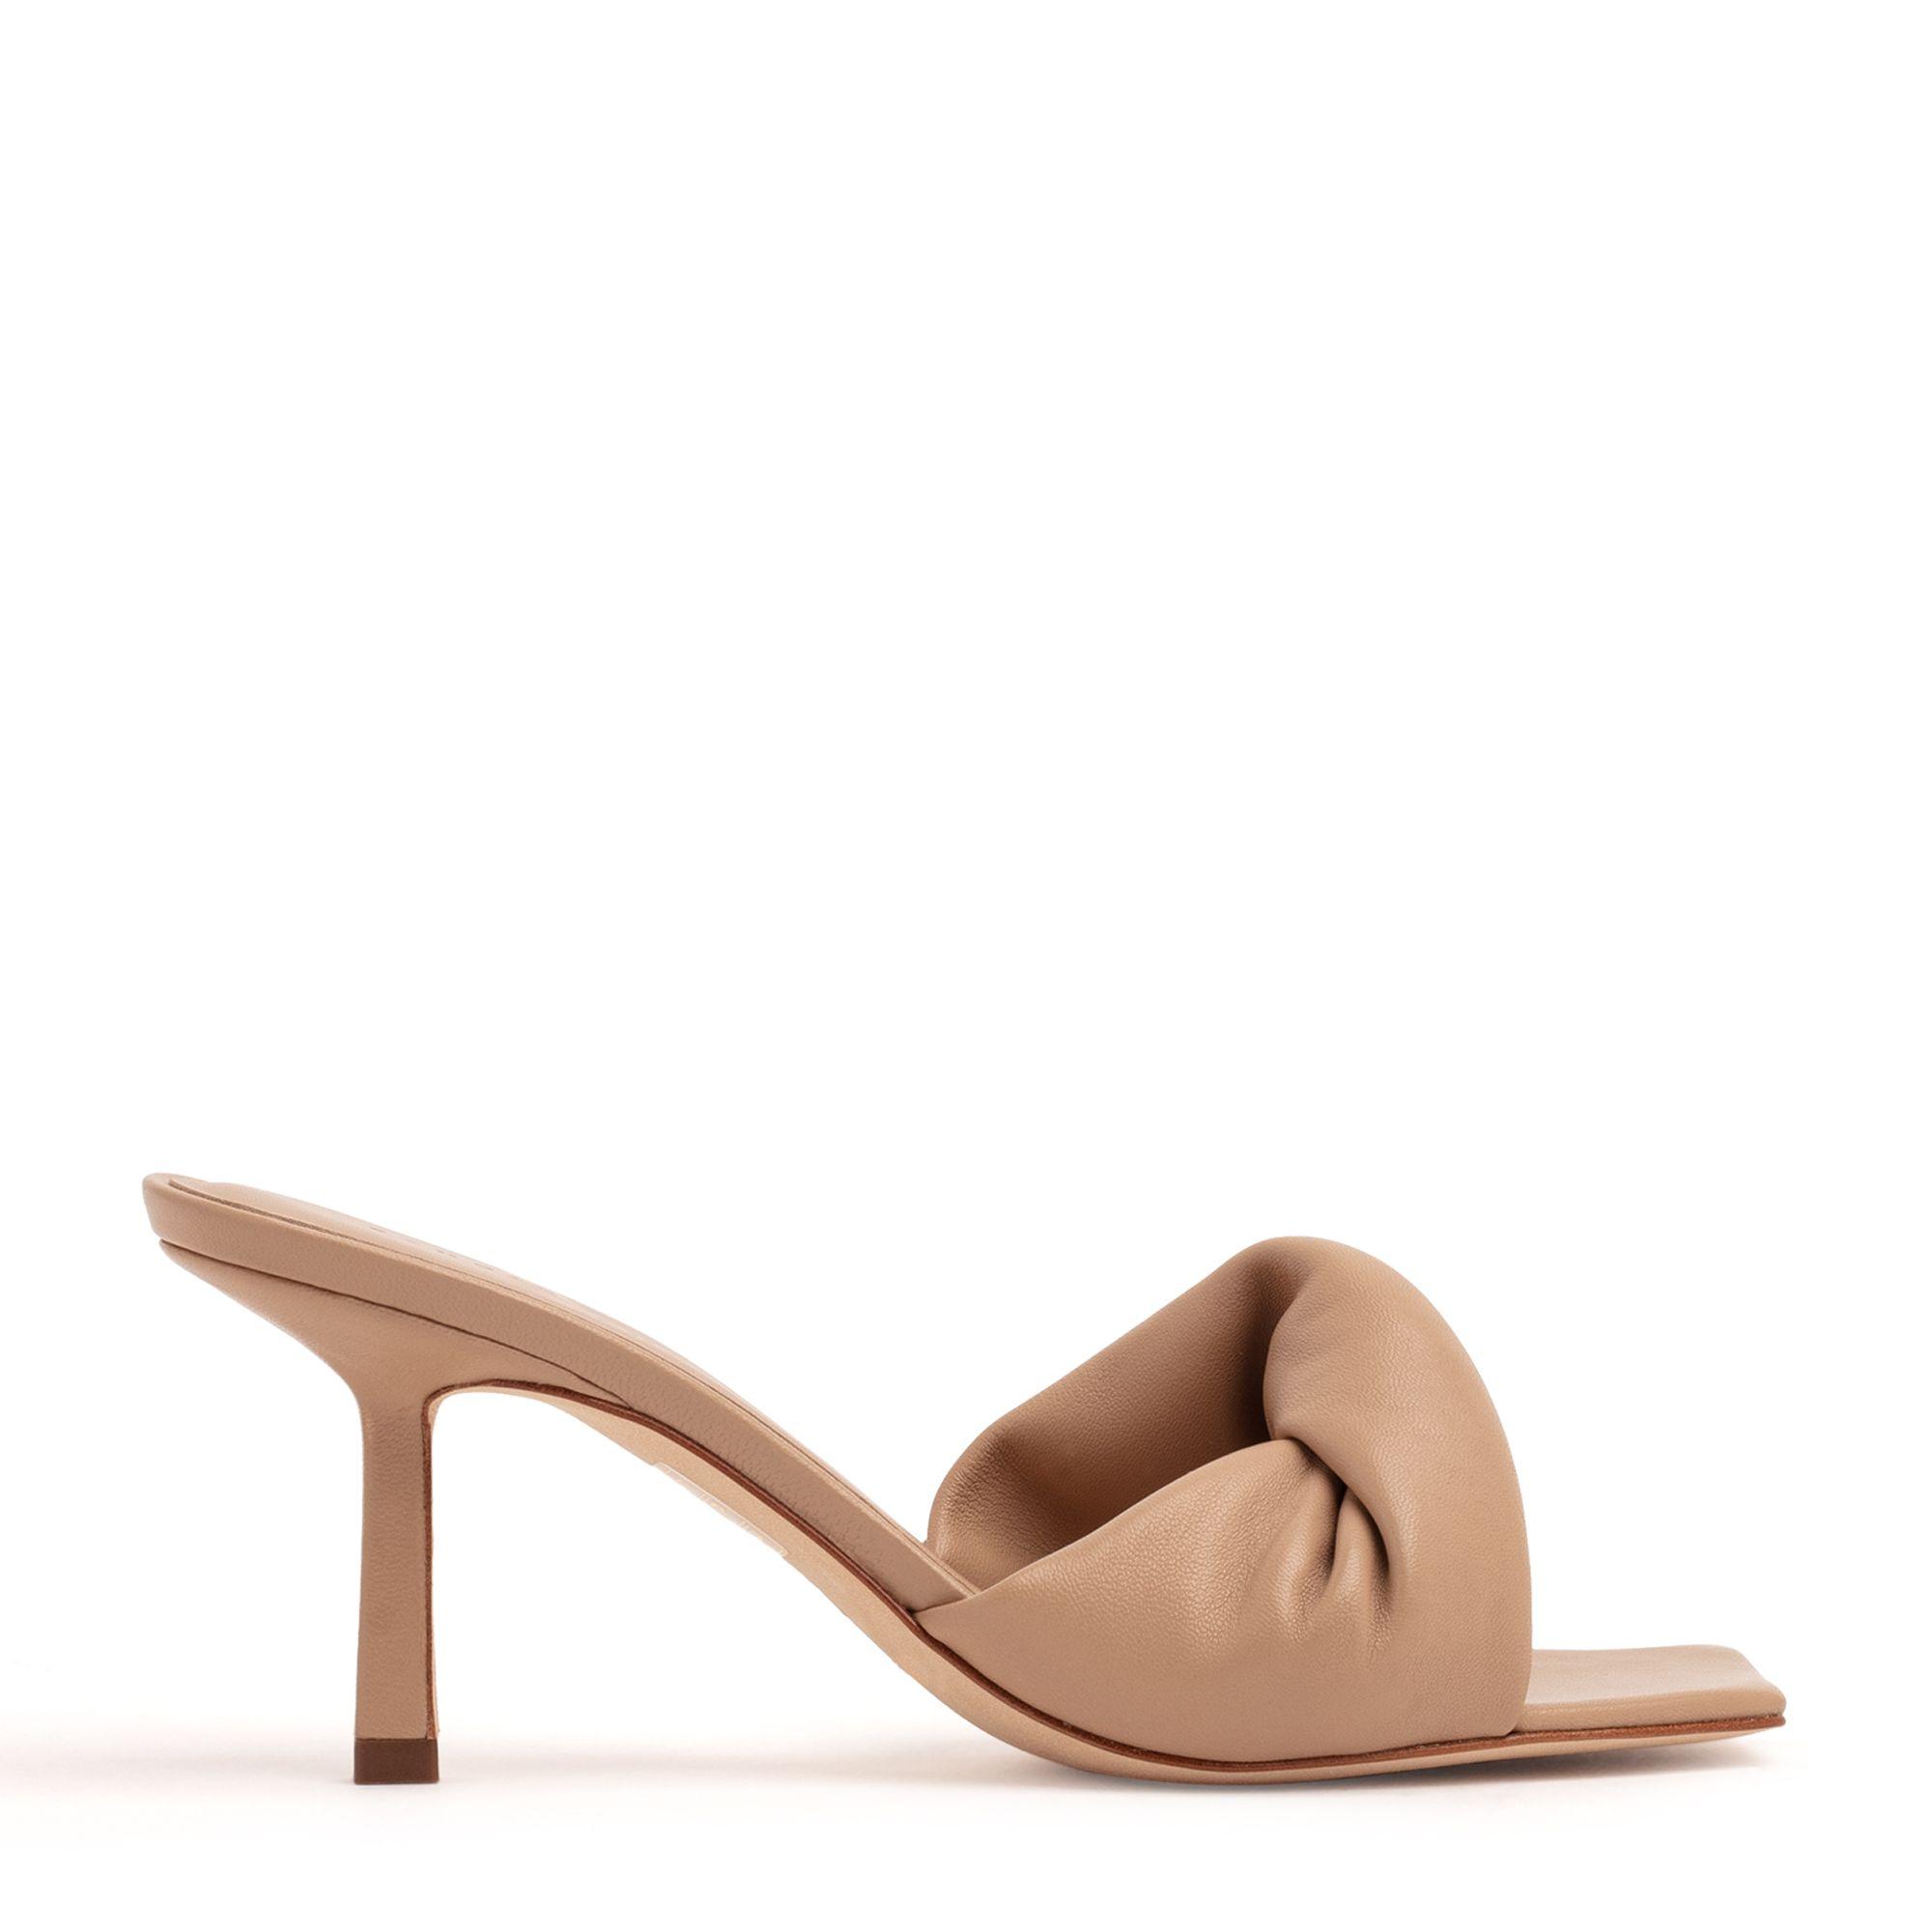 Twist Front 75 heel sandals